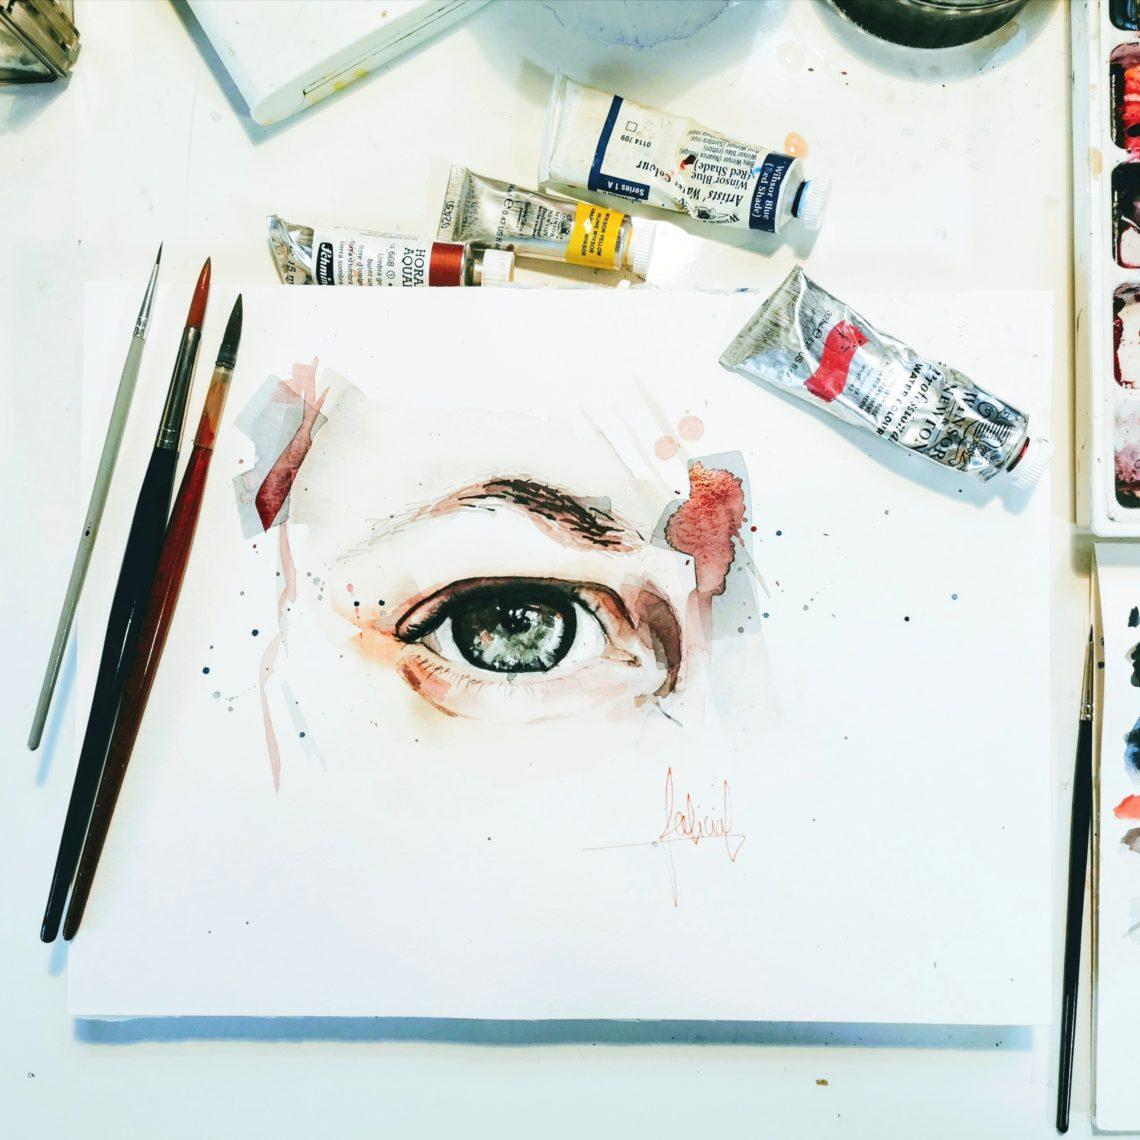 tableau de l'oeil et matériel